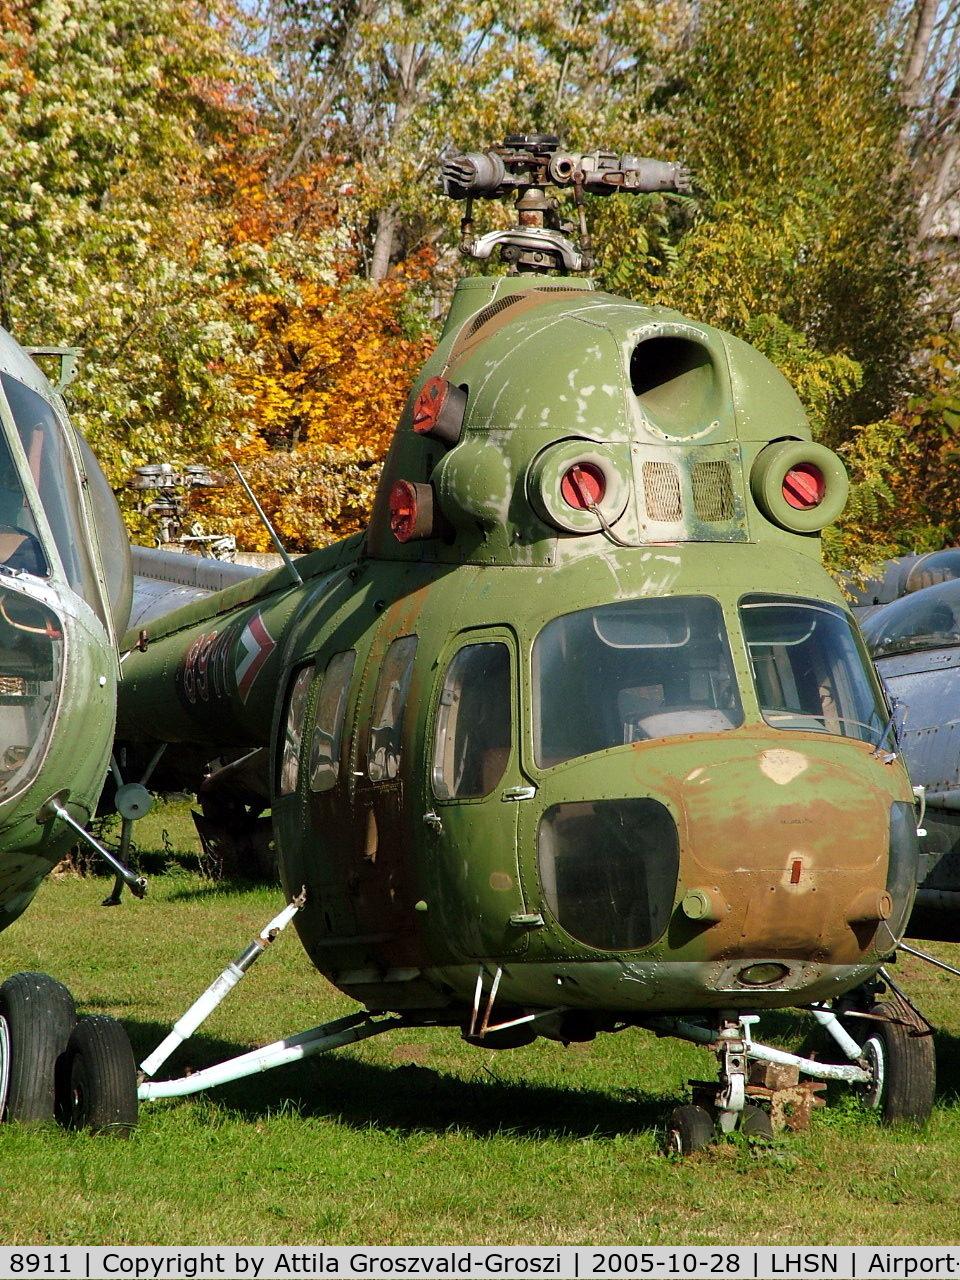 8911, 1984 Mil (PZL-Swidnik) Mi-2 C/N 518911104, Szolnok-Szandaszölös airplane museum.